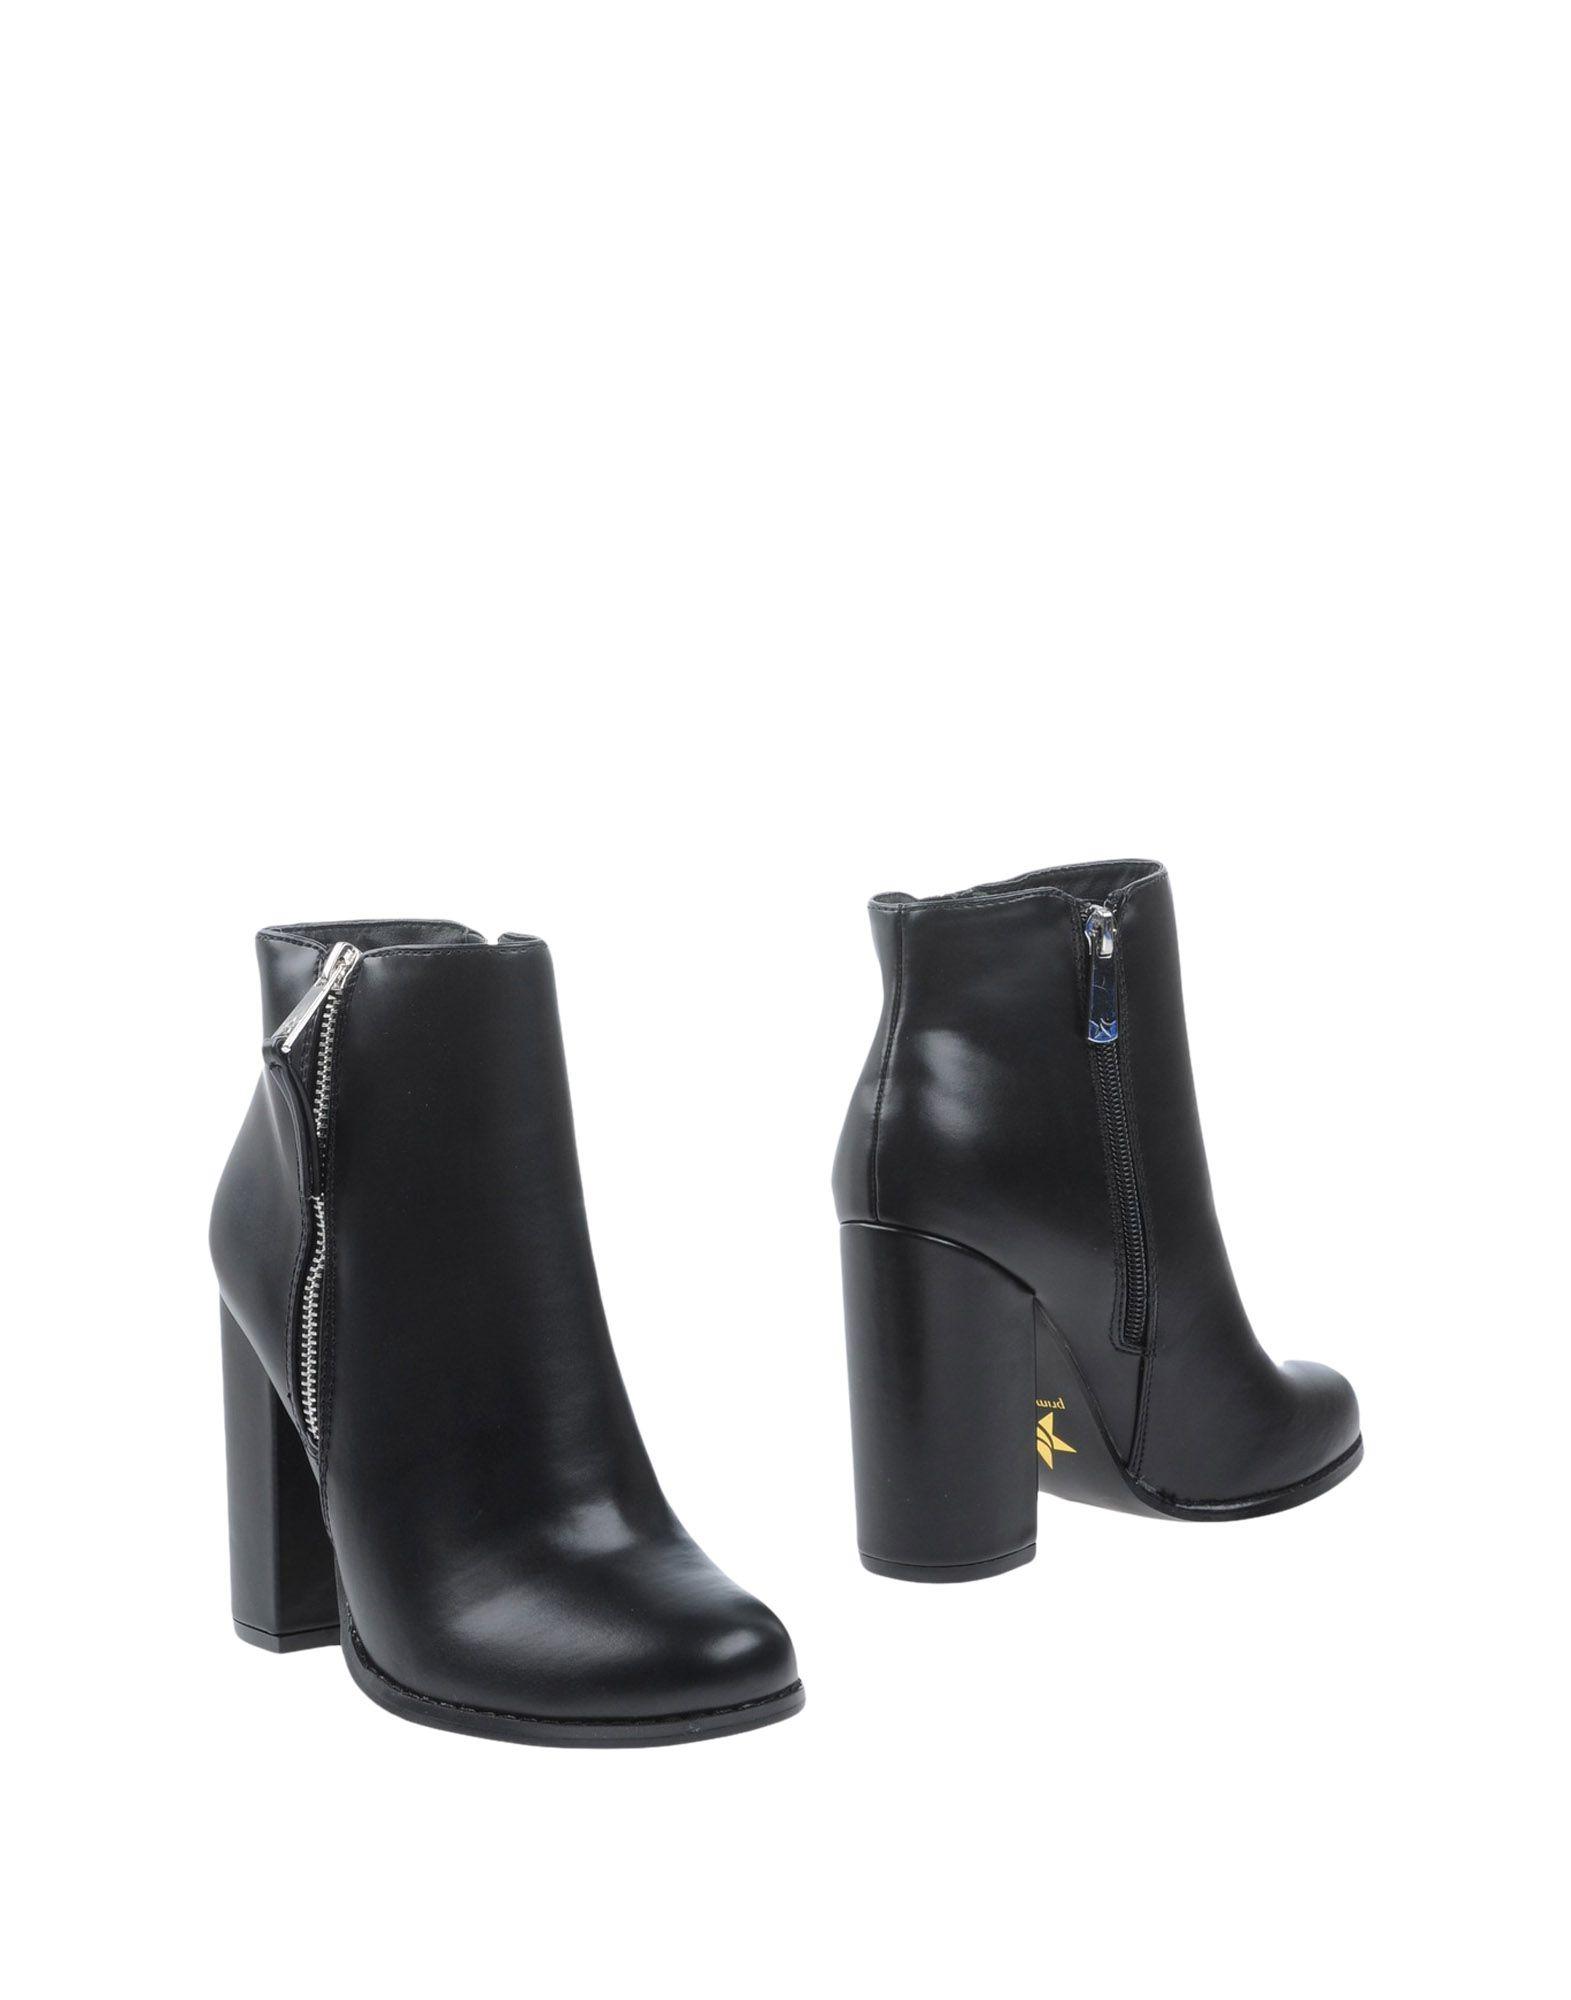 Bottine Primadonna Femme - Bottines Primadonna Noir Nouvelles chaussures pour hommes et femmes, remise limitée dans le temps